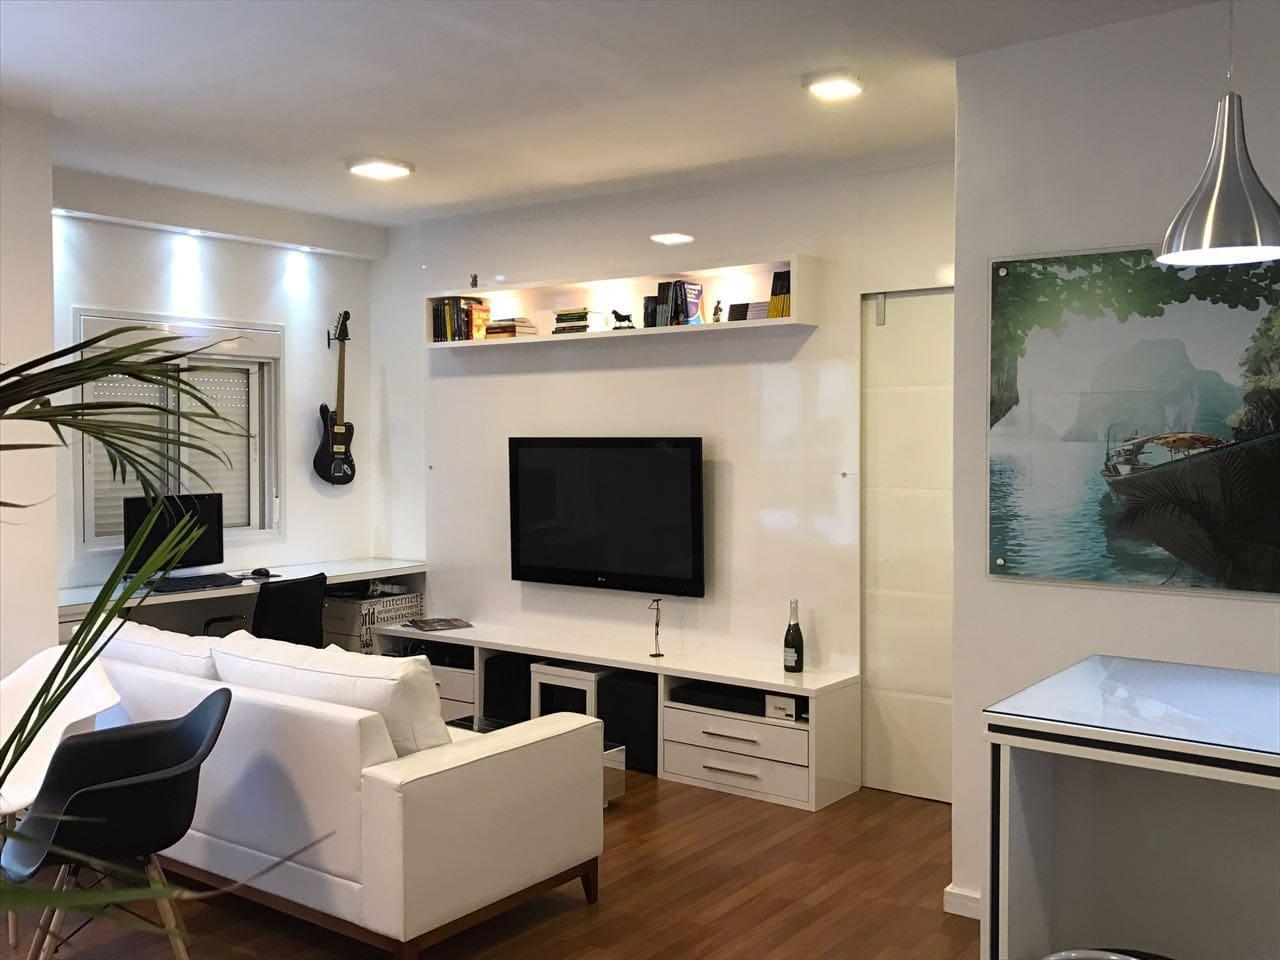 Apartamento decorado em excelente acabamento. Pronto para morar!